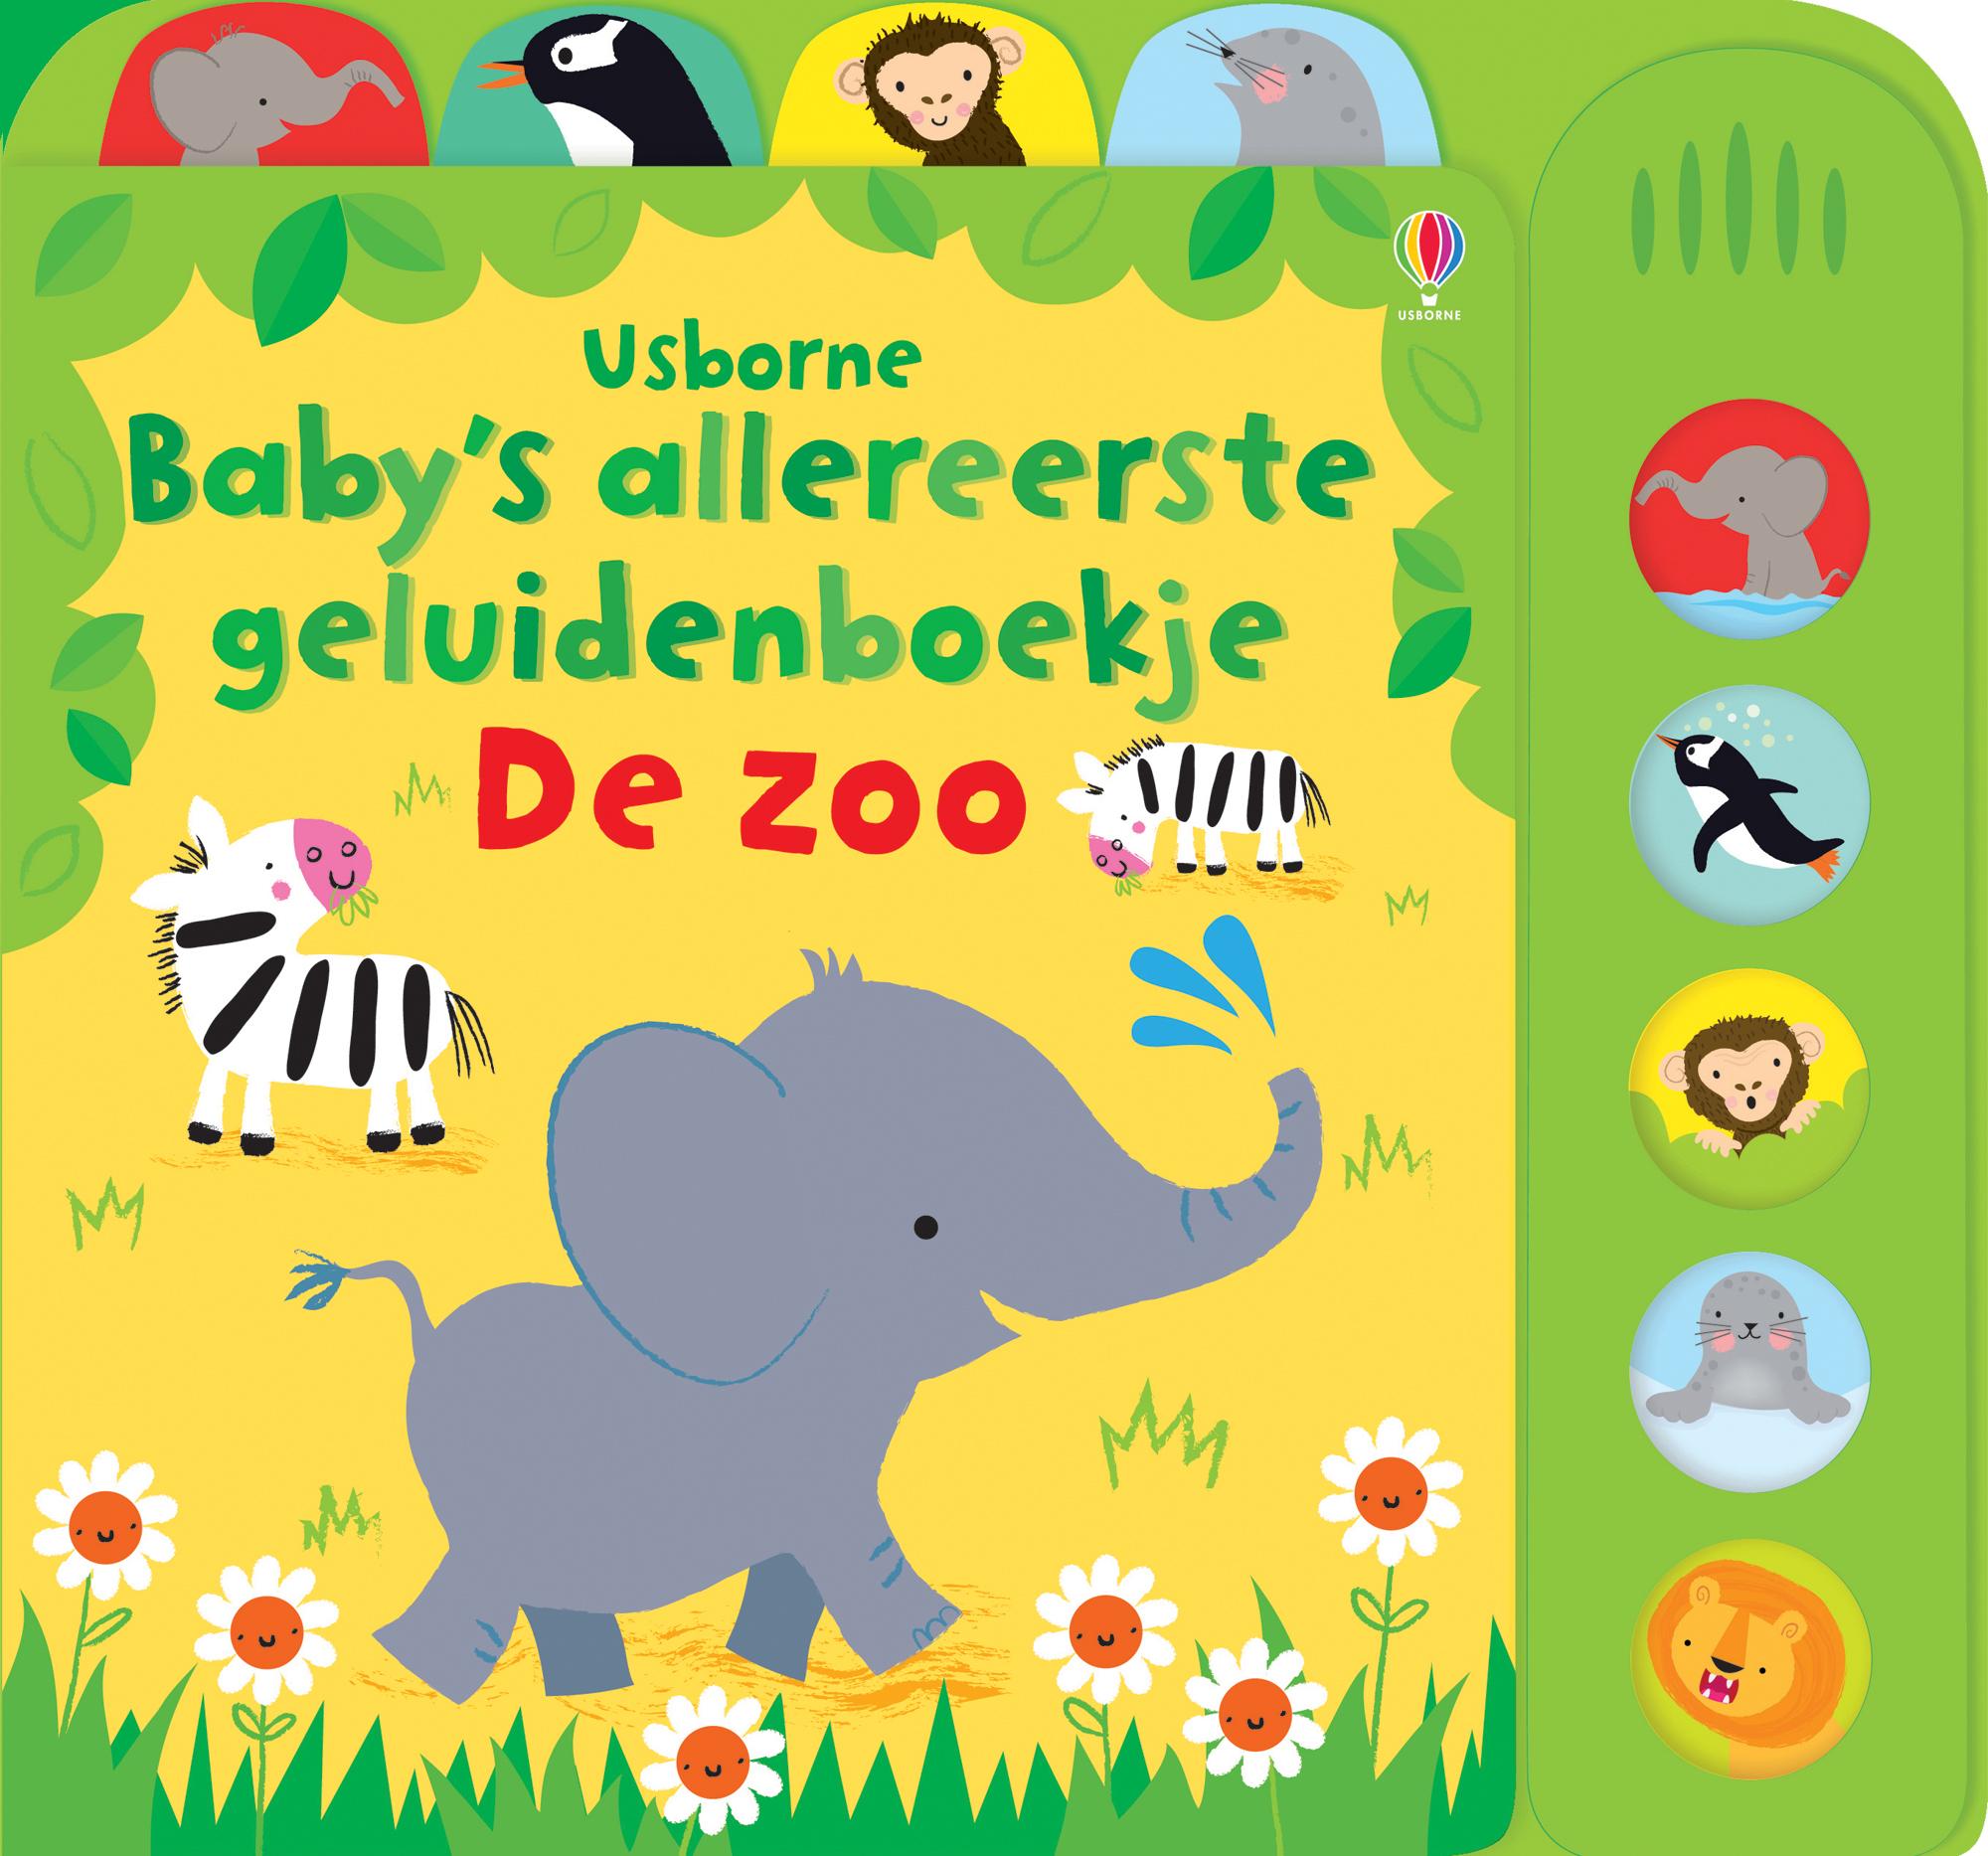 Baby's allereerste geluidenboekjes – De zoo